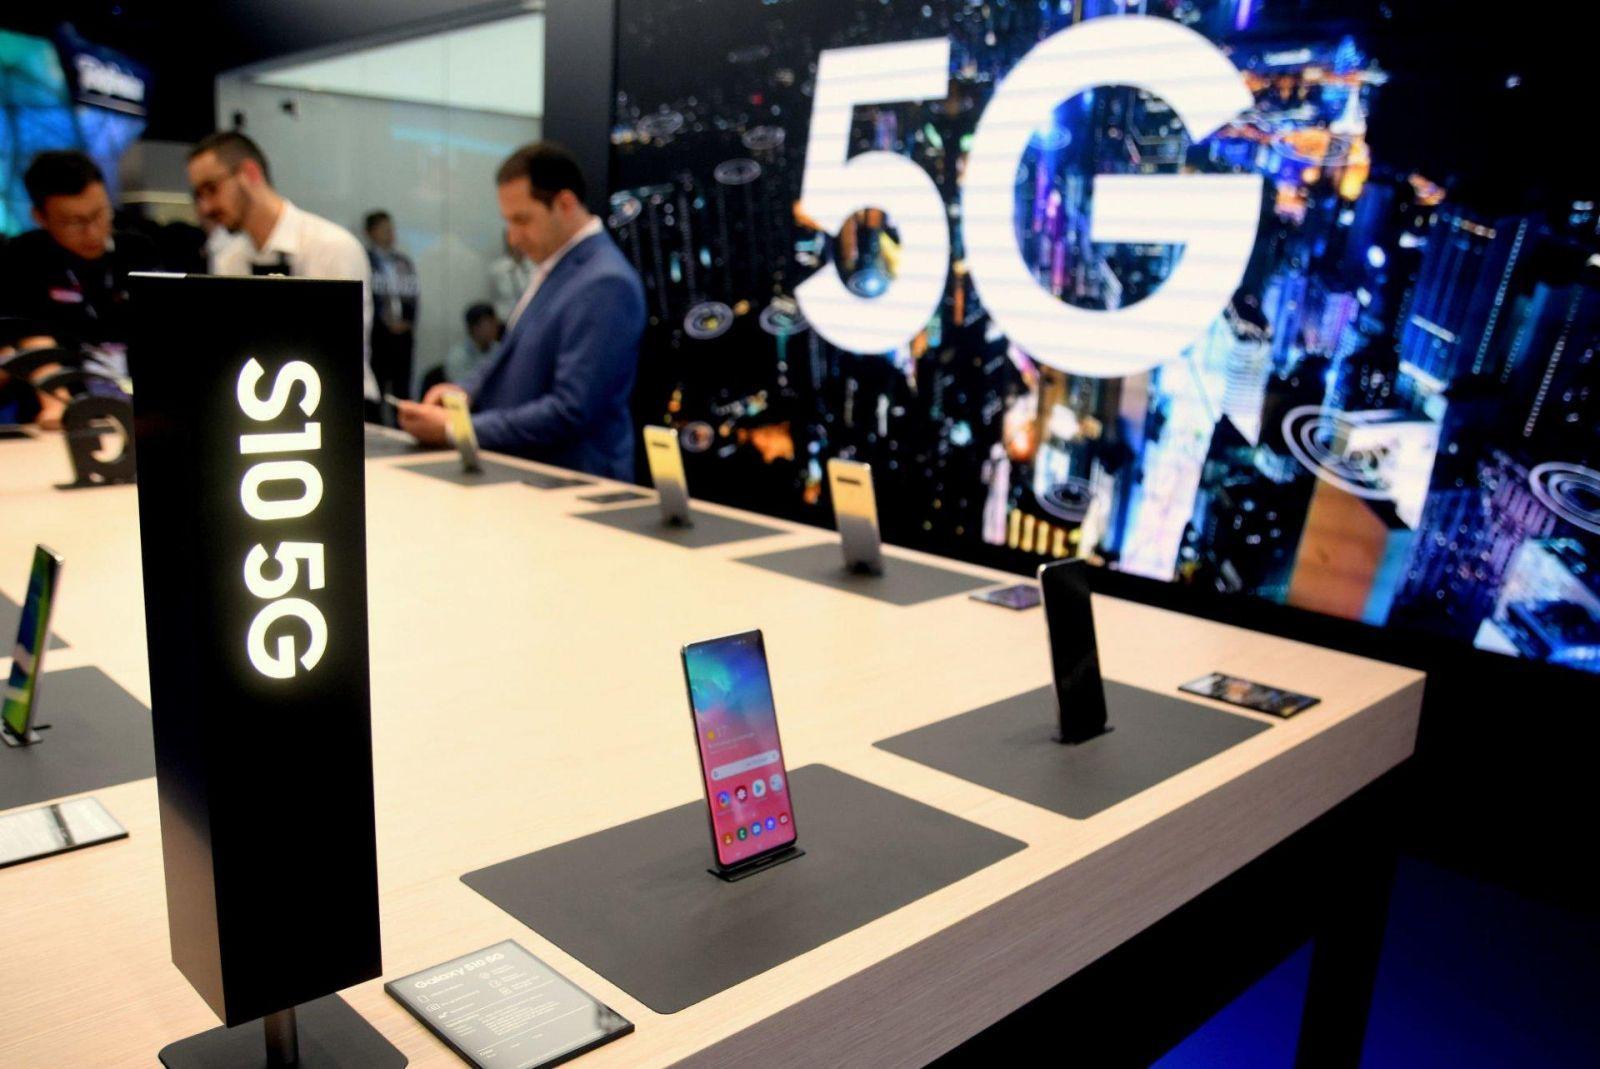 5G-версия Samsung Galaxy S10 дебютирует в Южной Корее 5-го апреля (dims 11)